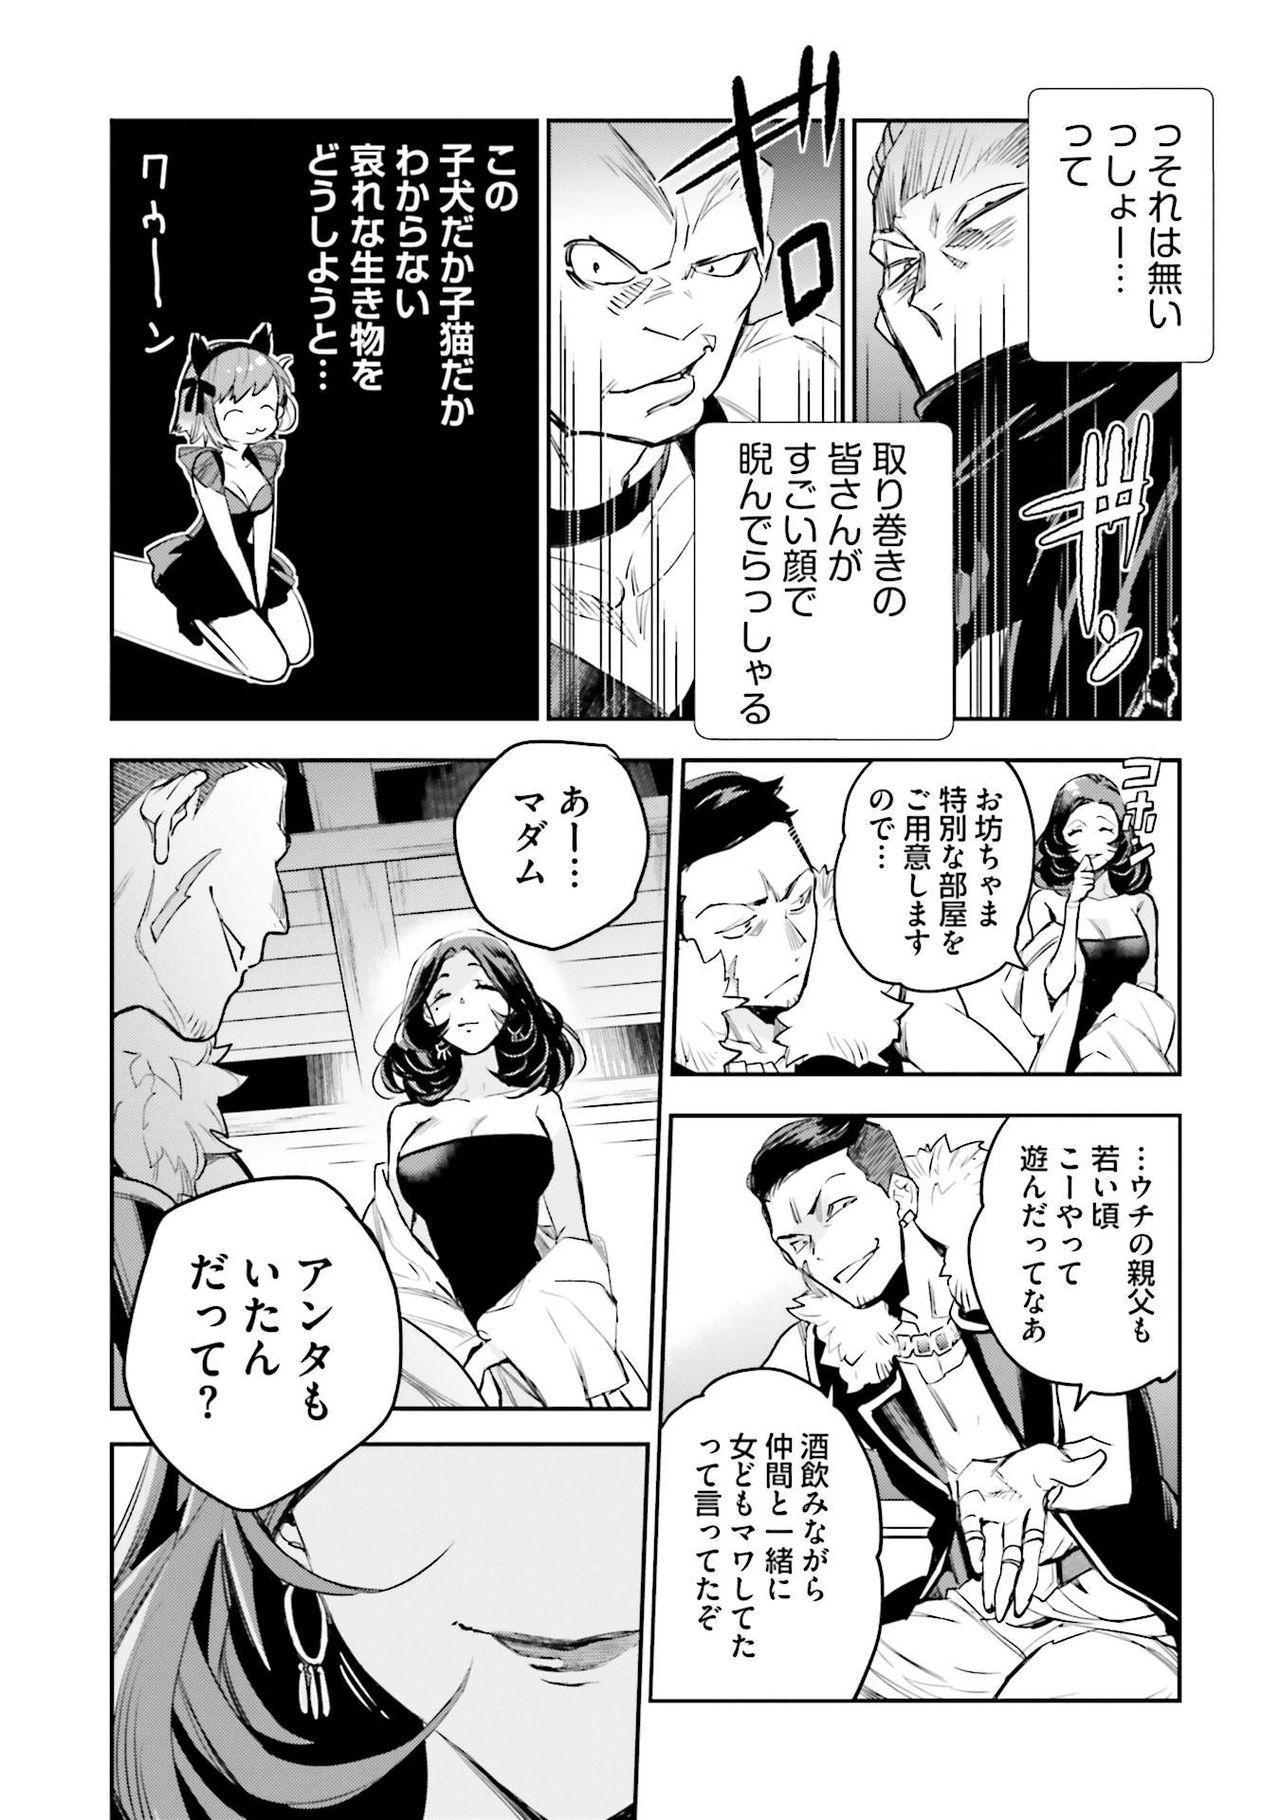 JK Haru wa Isekai de Shoufu ni Natta 1-14 239